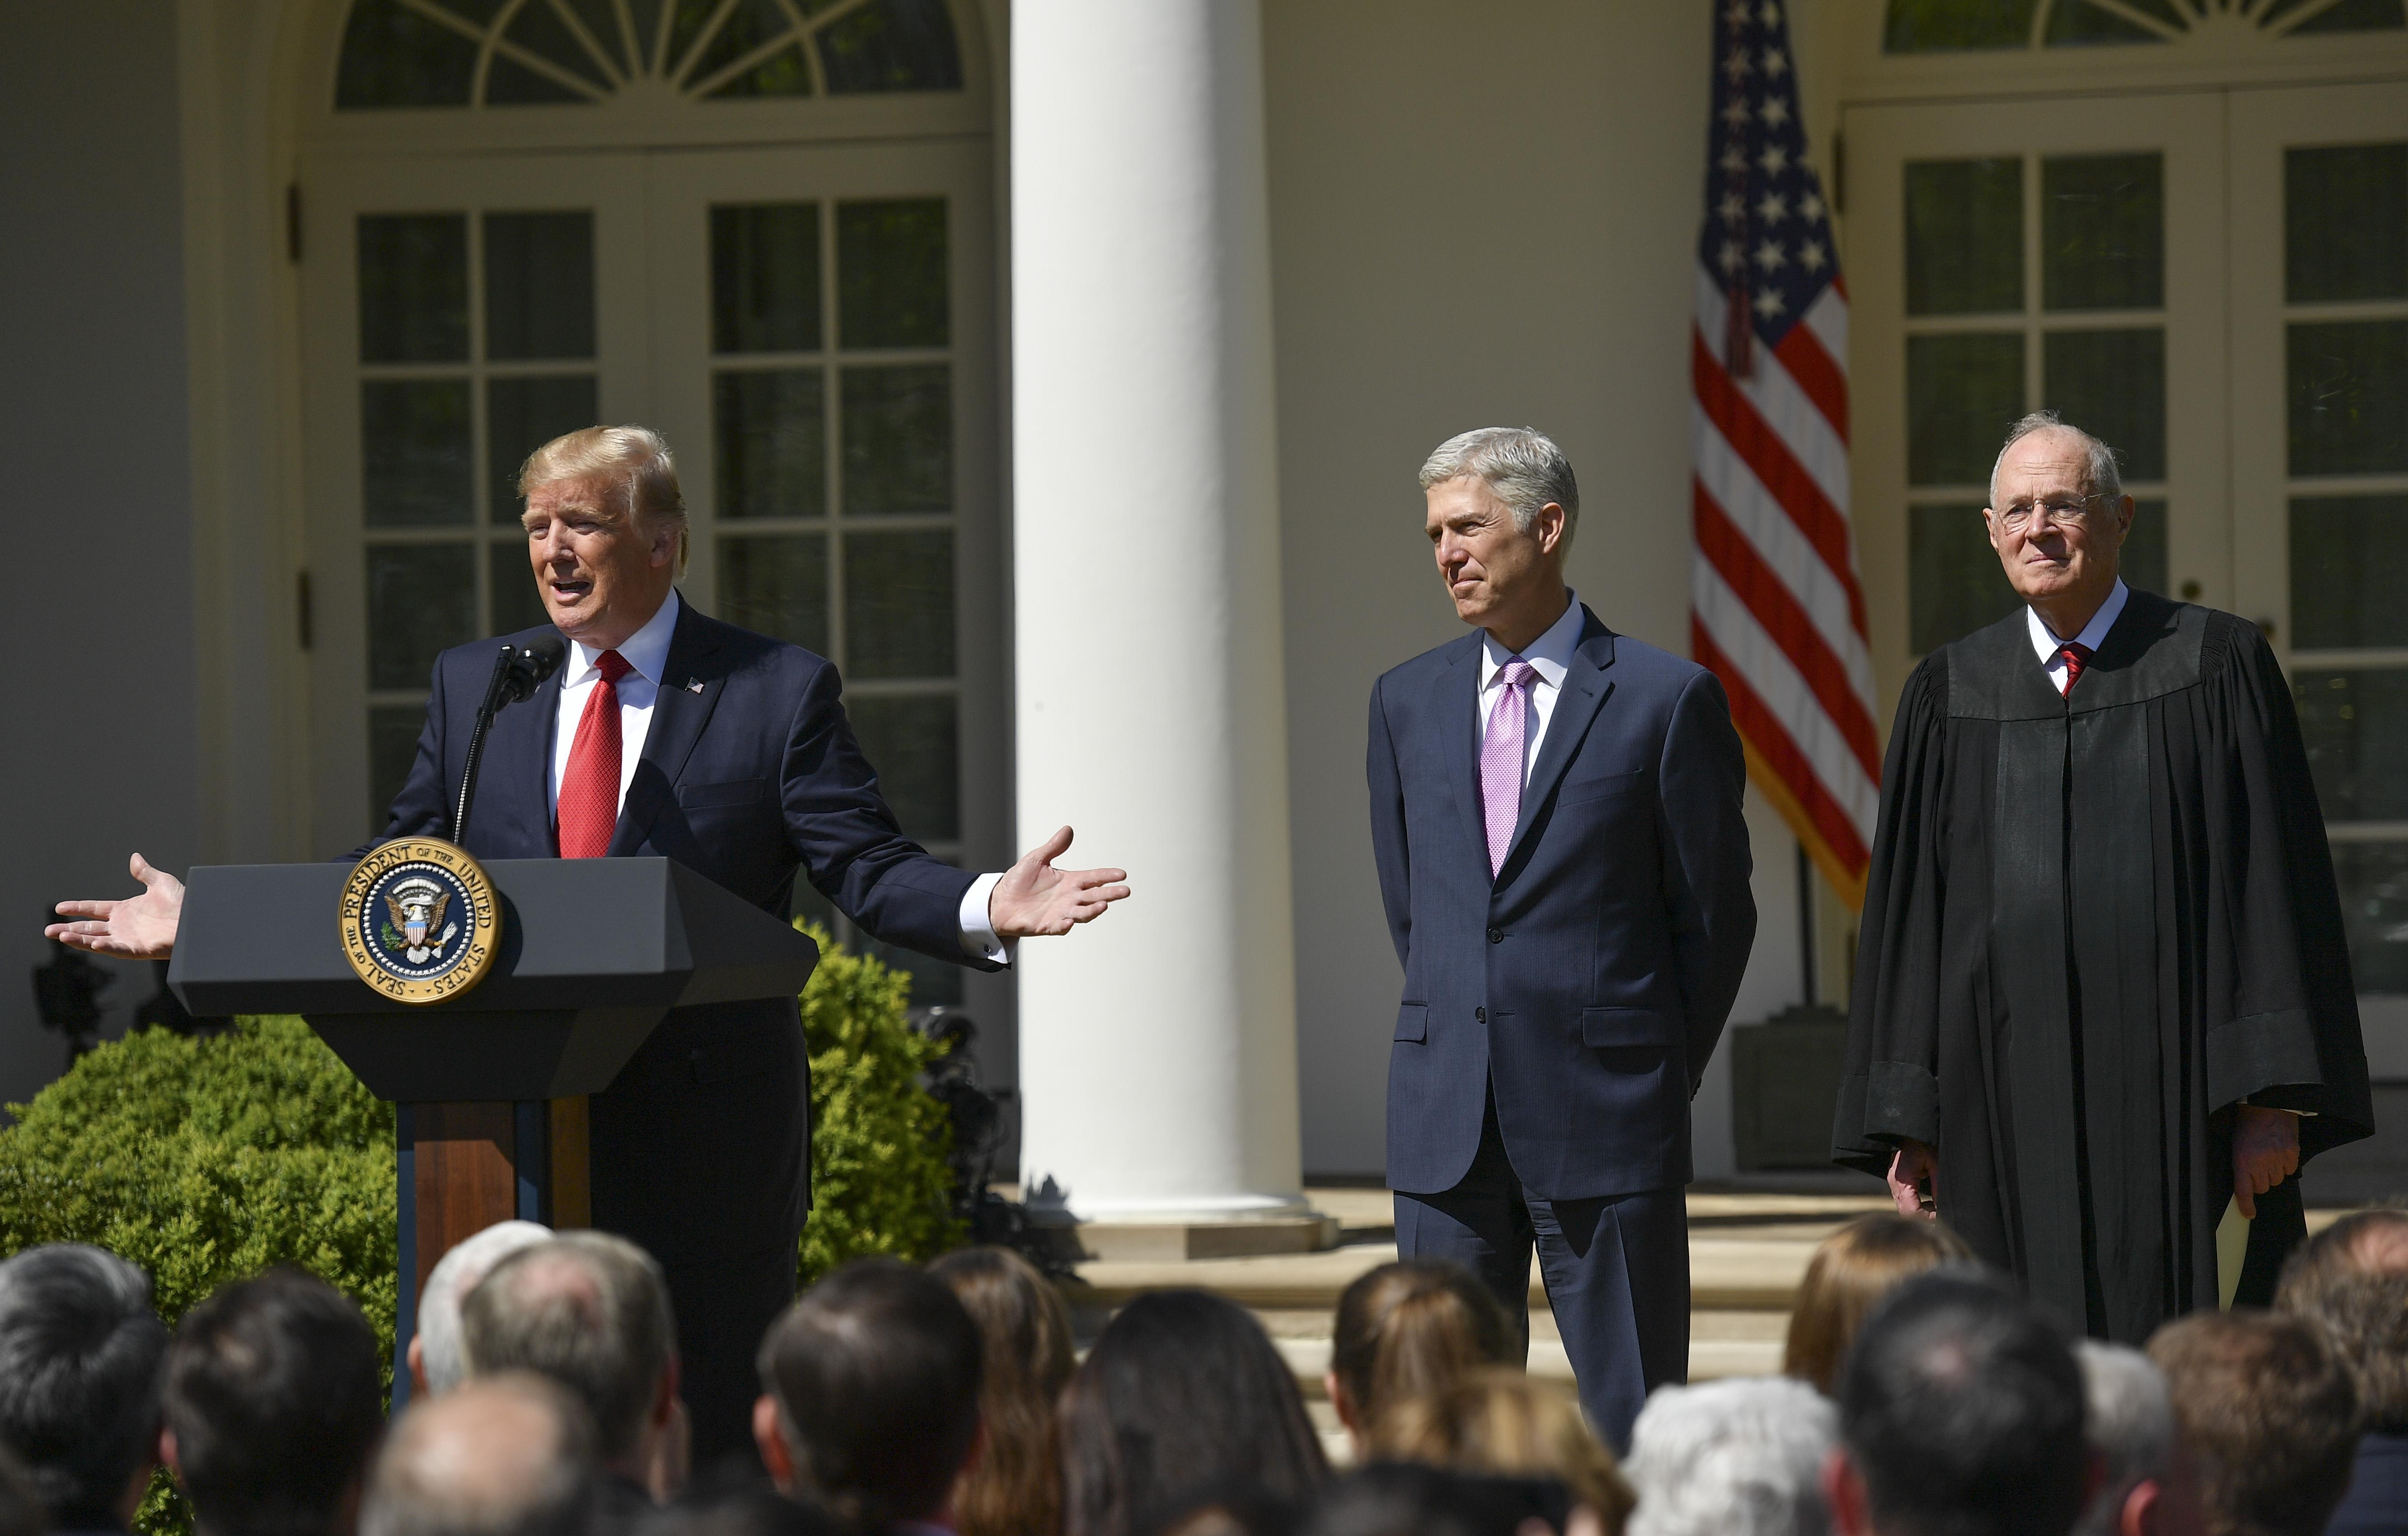 WASHINGTON, DC - APRIL 10: Supreme Court Justice Neil Gorsuch,